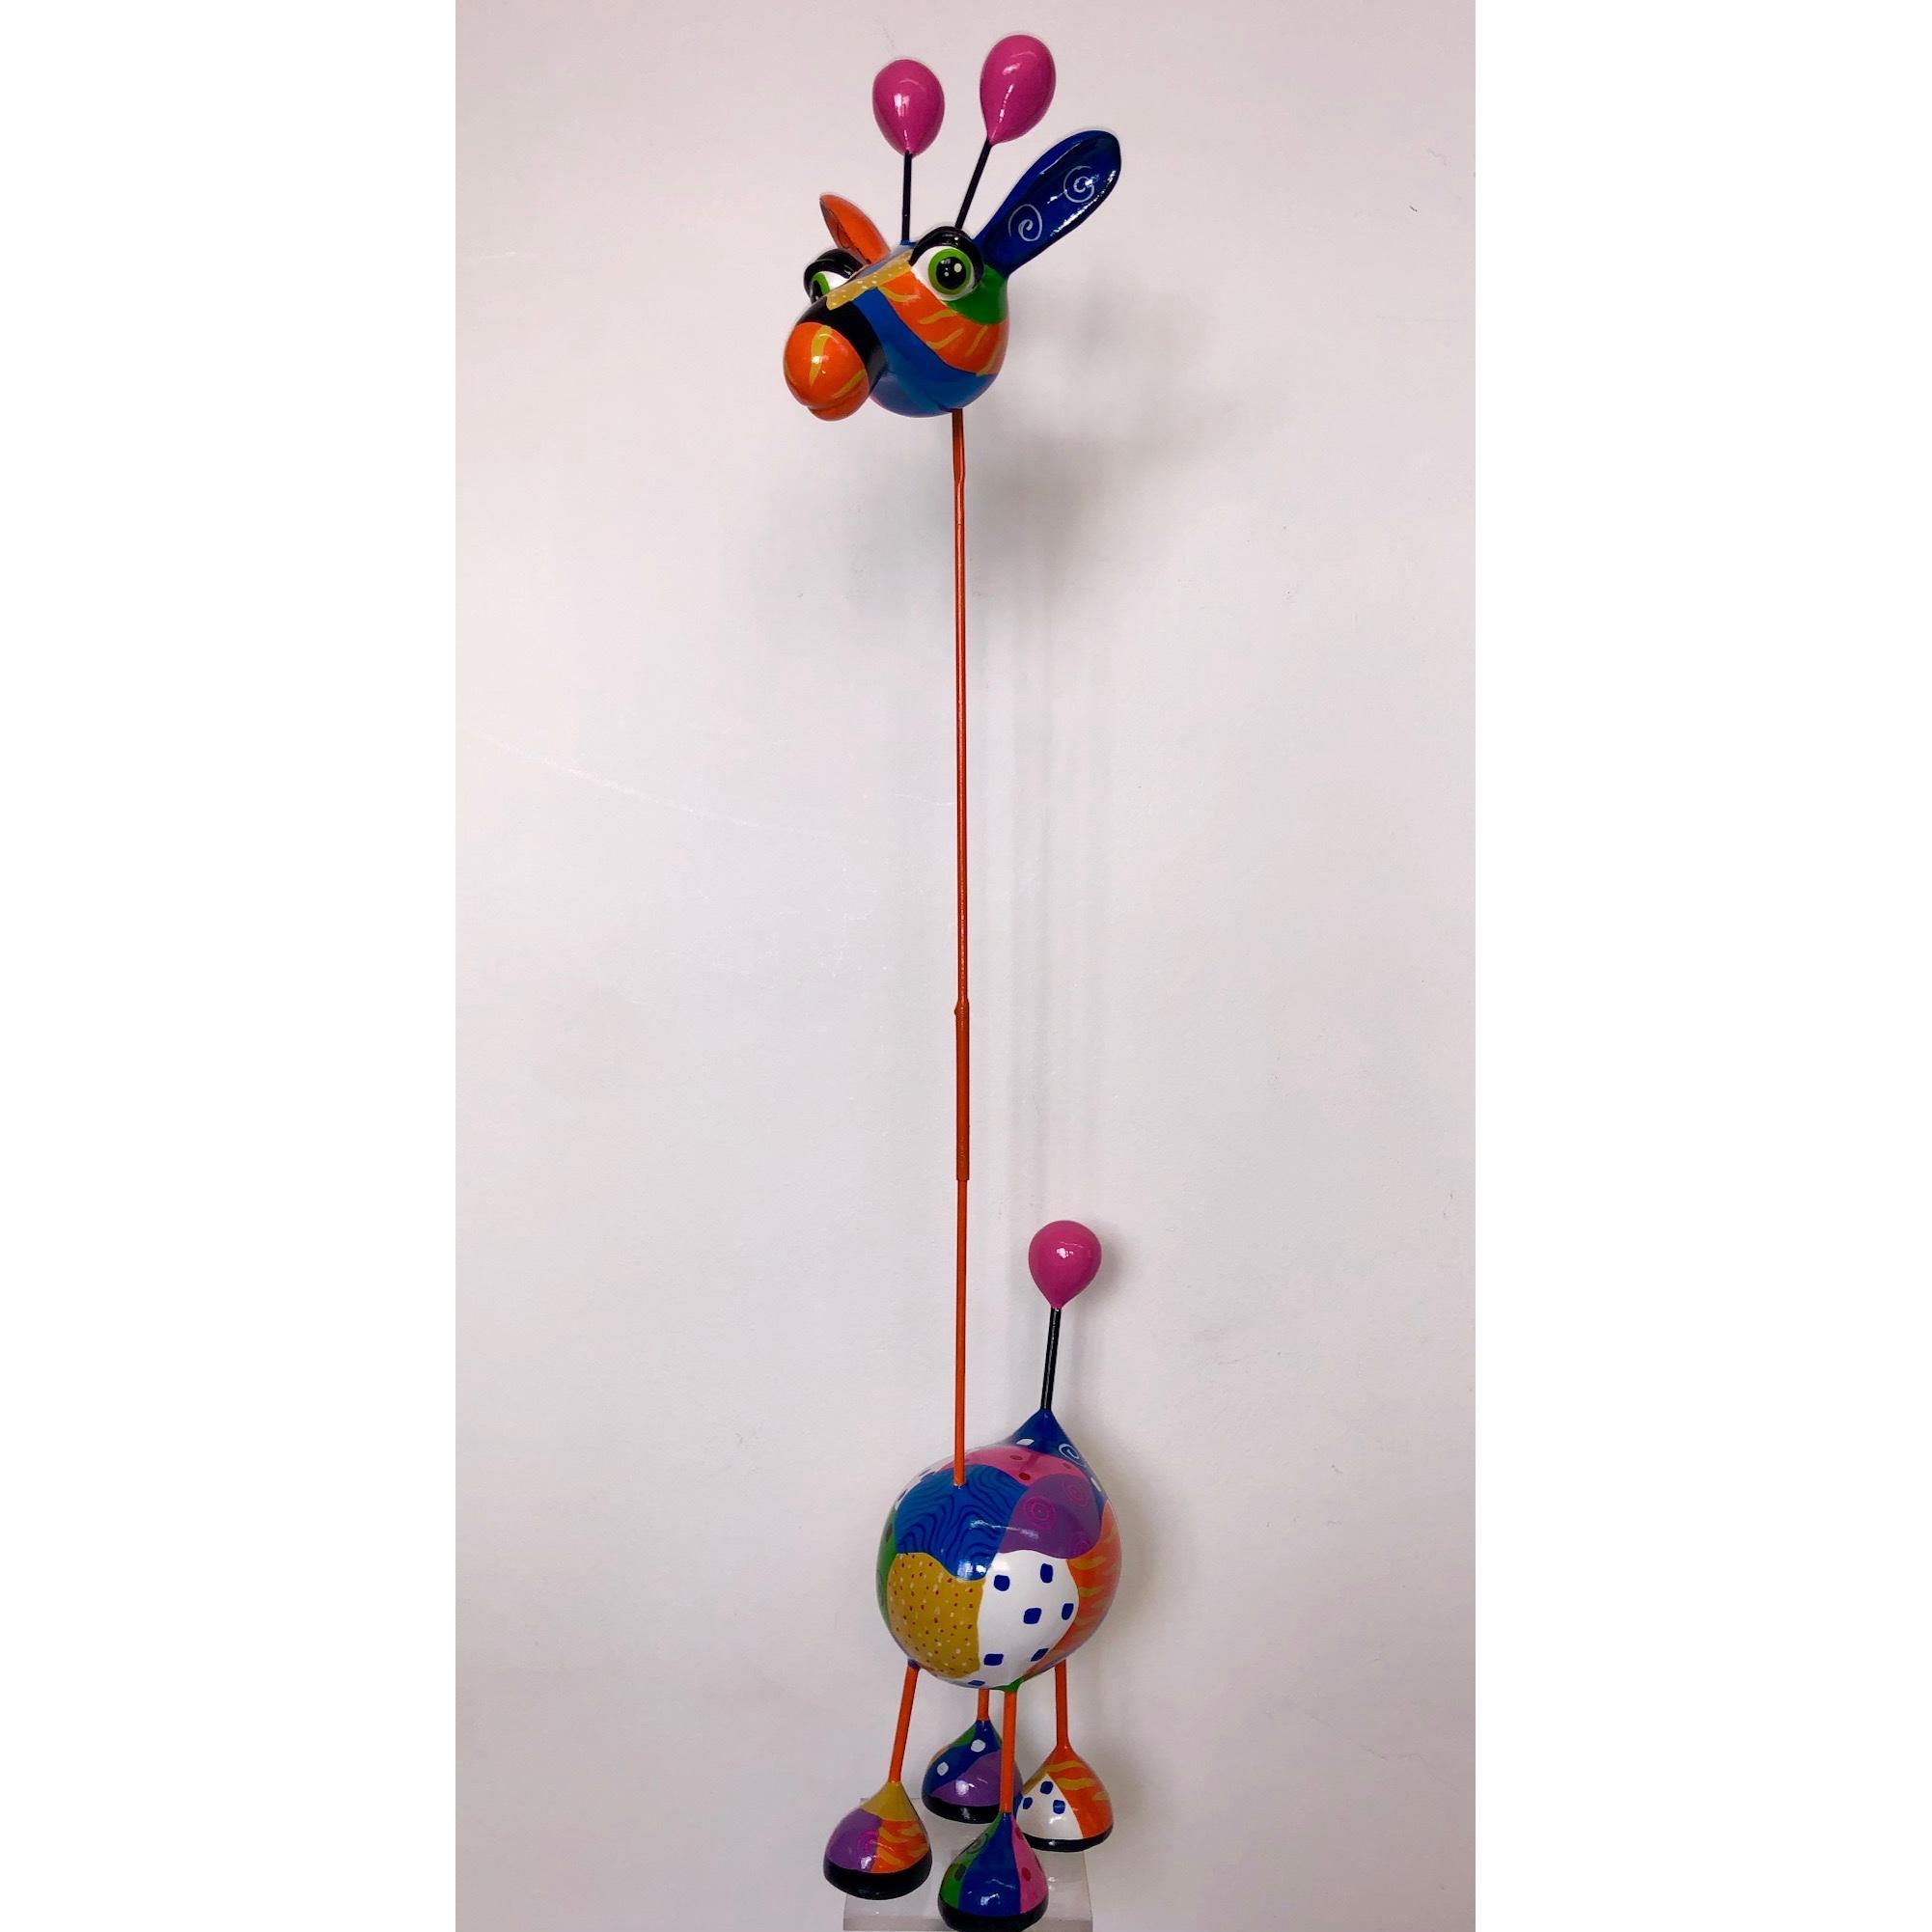 Mia Coppola Crazy Giraffe 'Pink' (M)